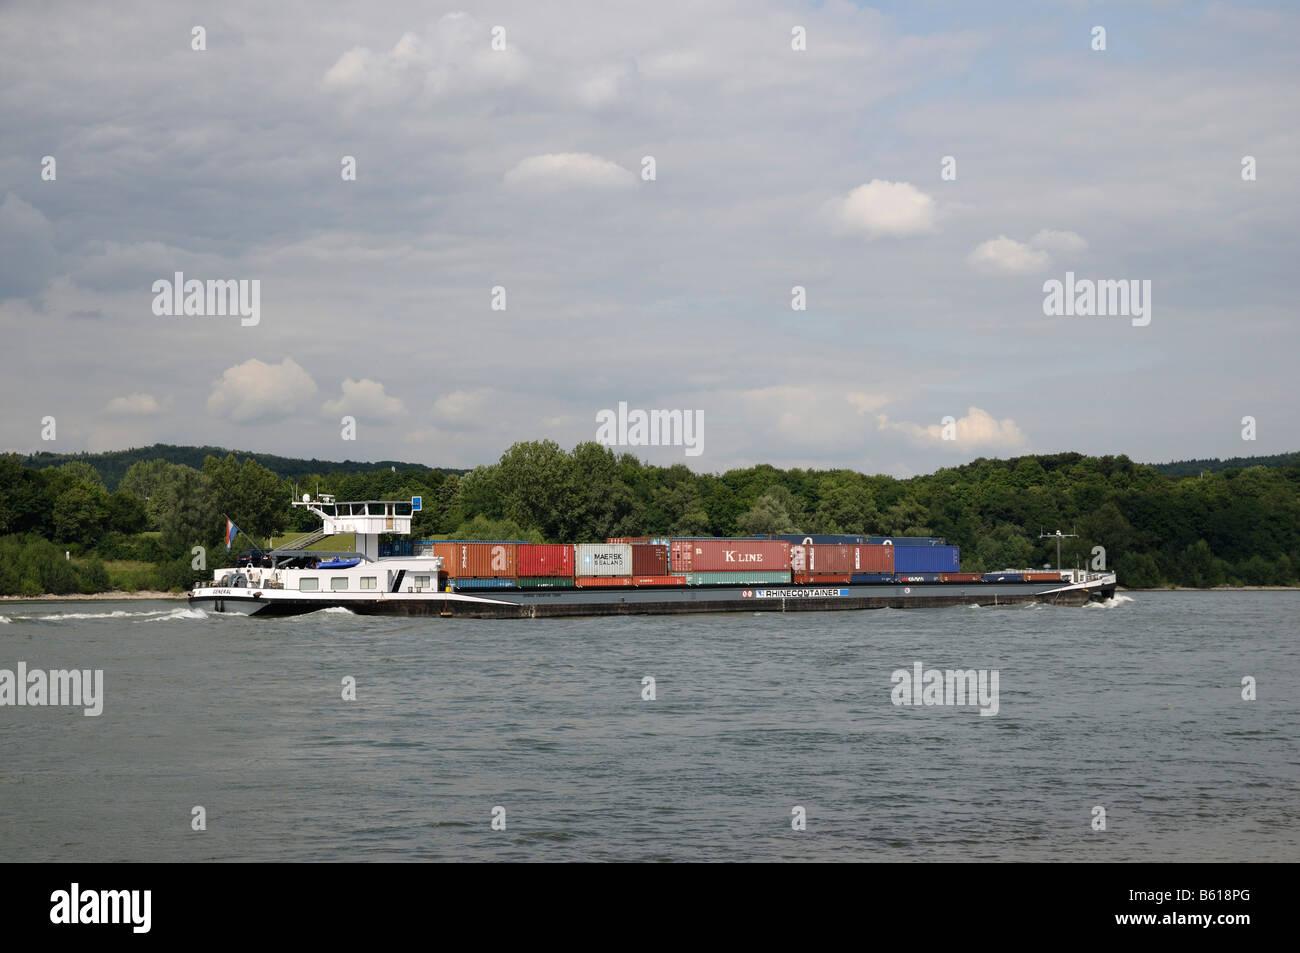 Containerschiff General auf dem Rhein bei Bonn, Nordrhein-Westfalen Stockbild